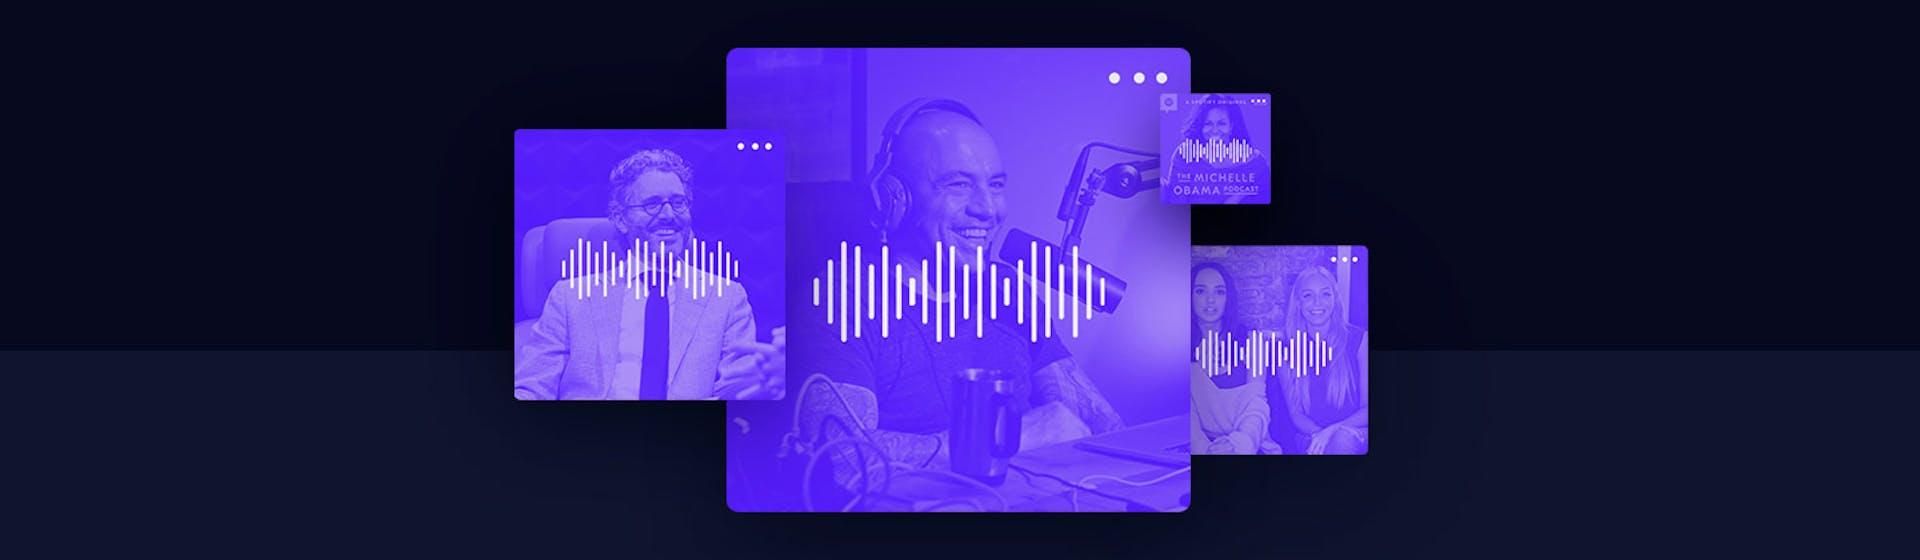 Los podcast más escuchados: ¿Cuáles son las voces que lideran en Latinoamérica?